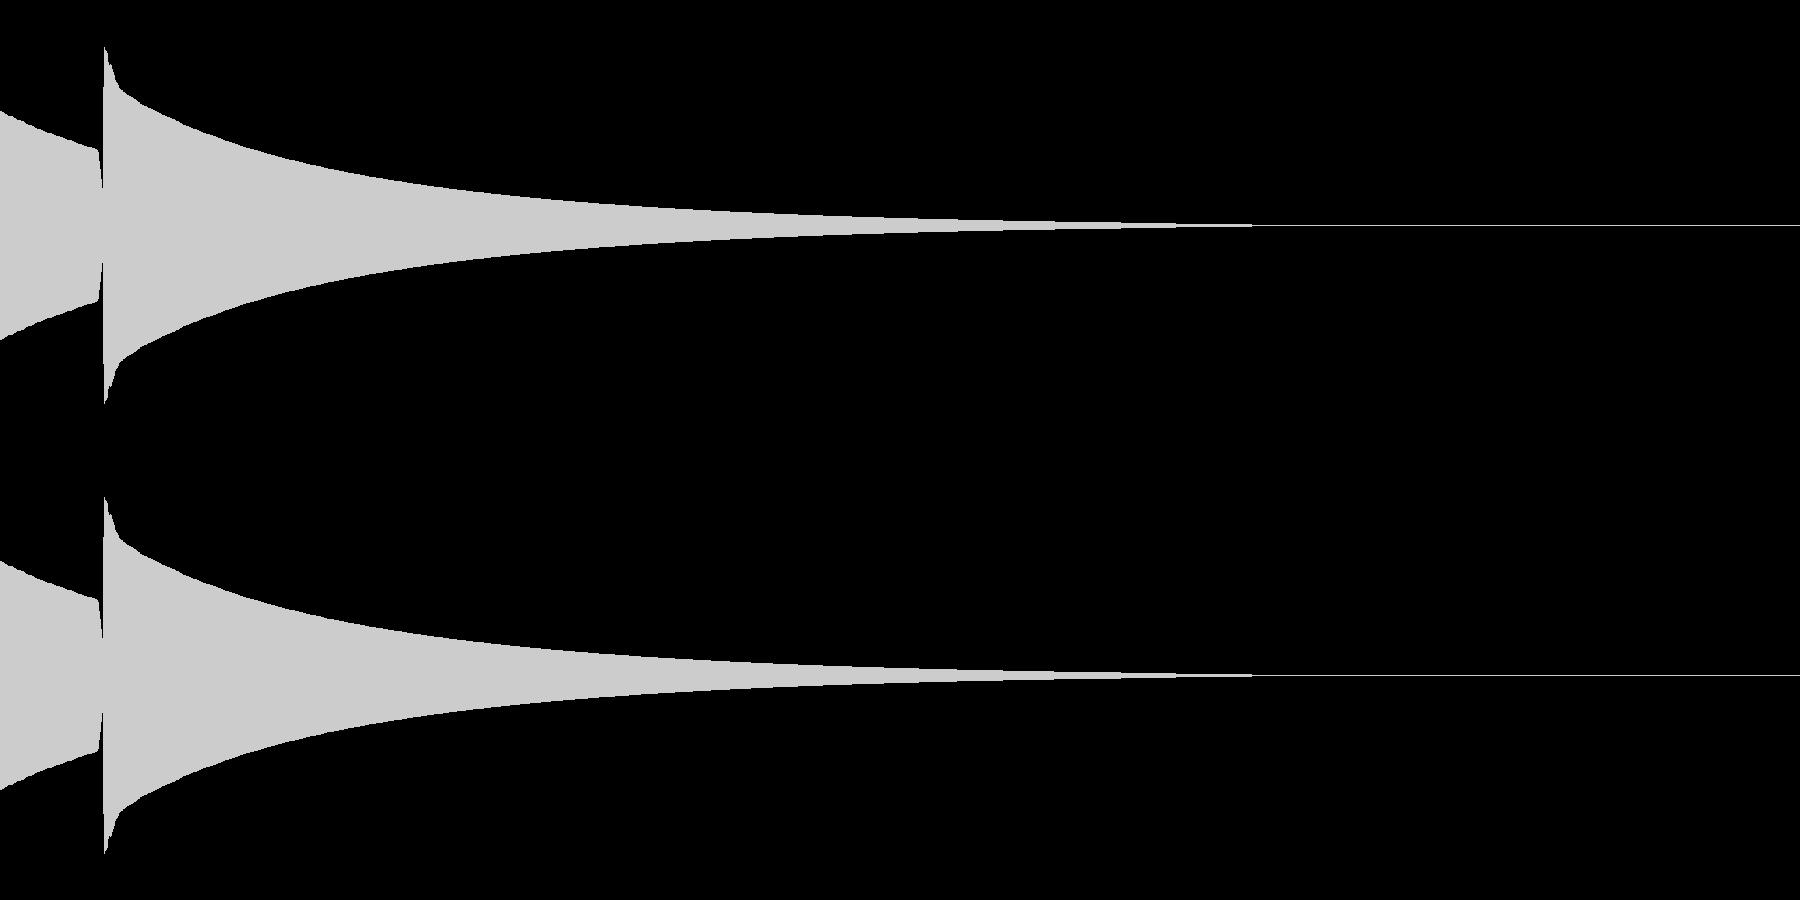 キラッ(星/アイテム/気付く)の未再生の波形